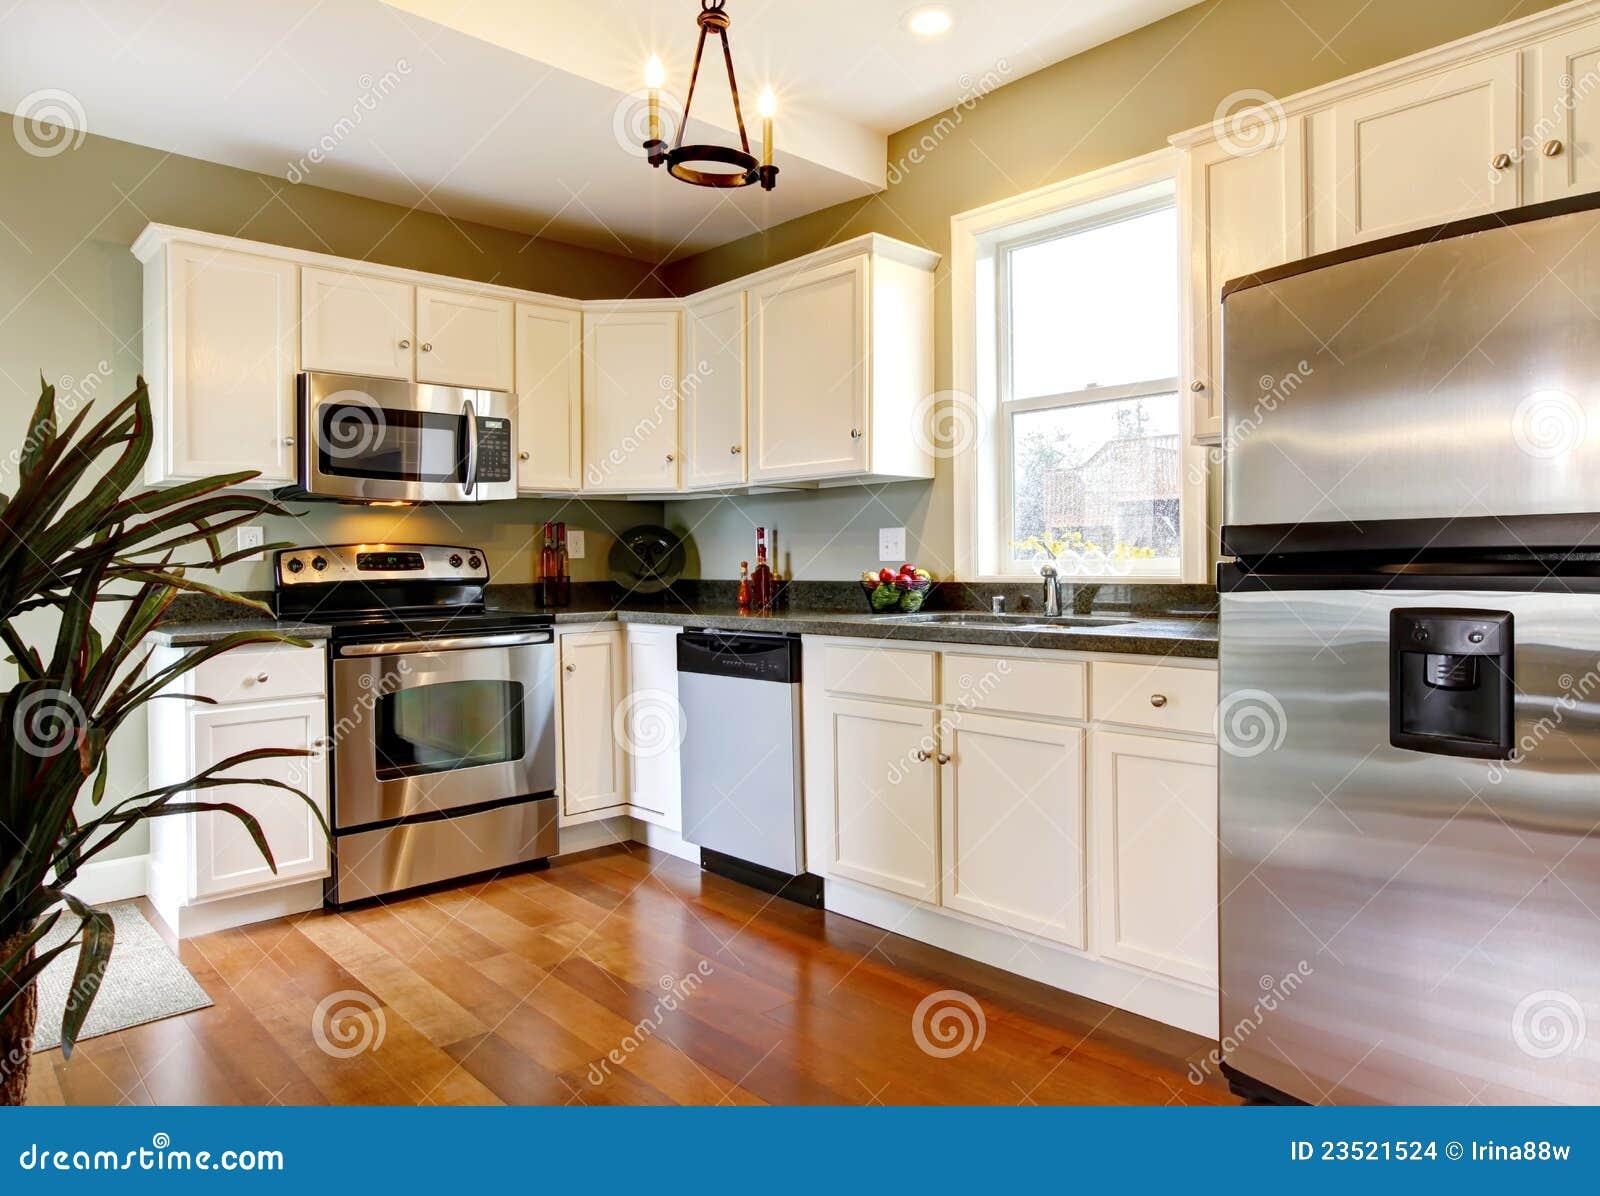 Cuisine blanche verte avec des id es int ressantes pour la conception de la chambre for Photos cuisine blanche